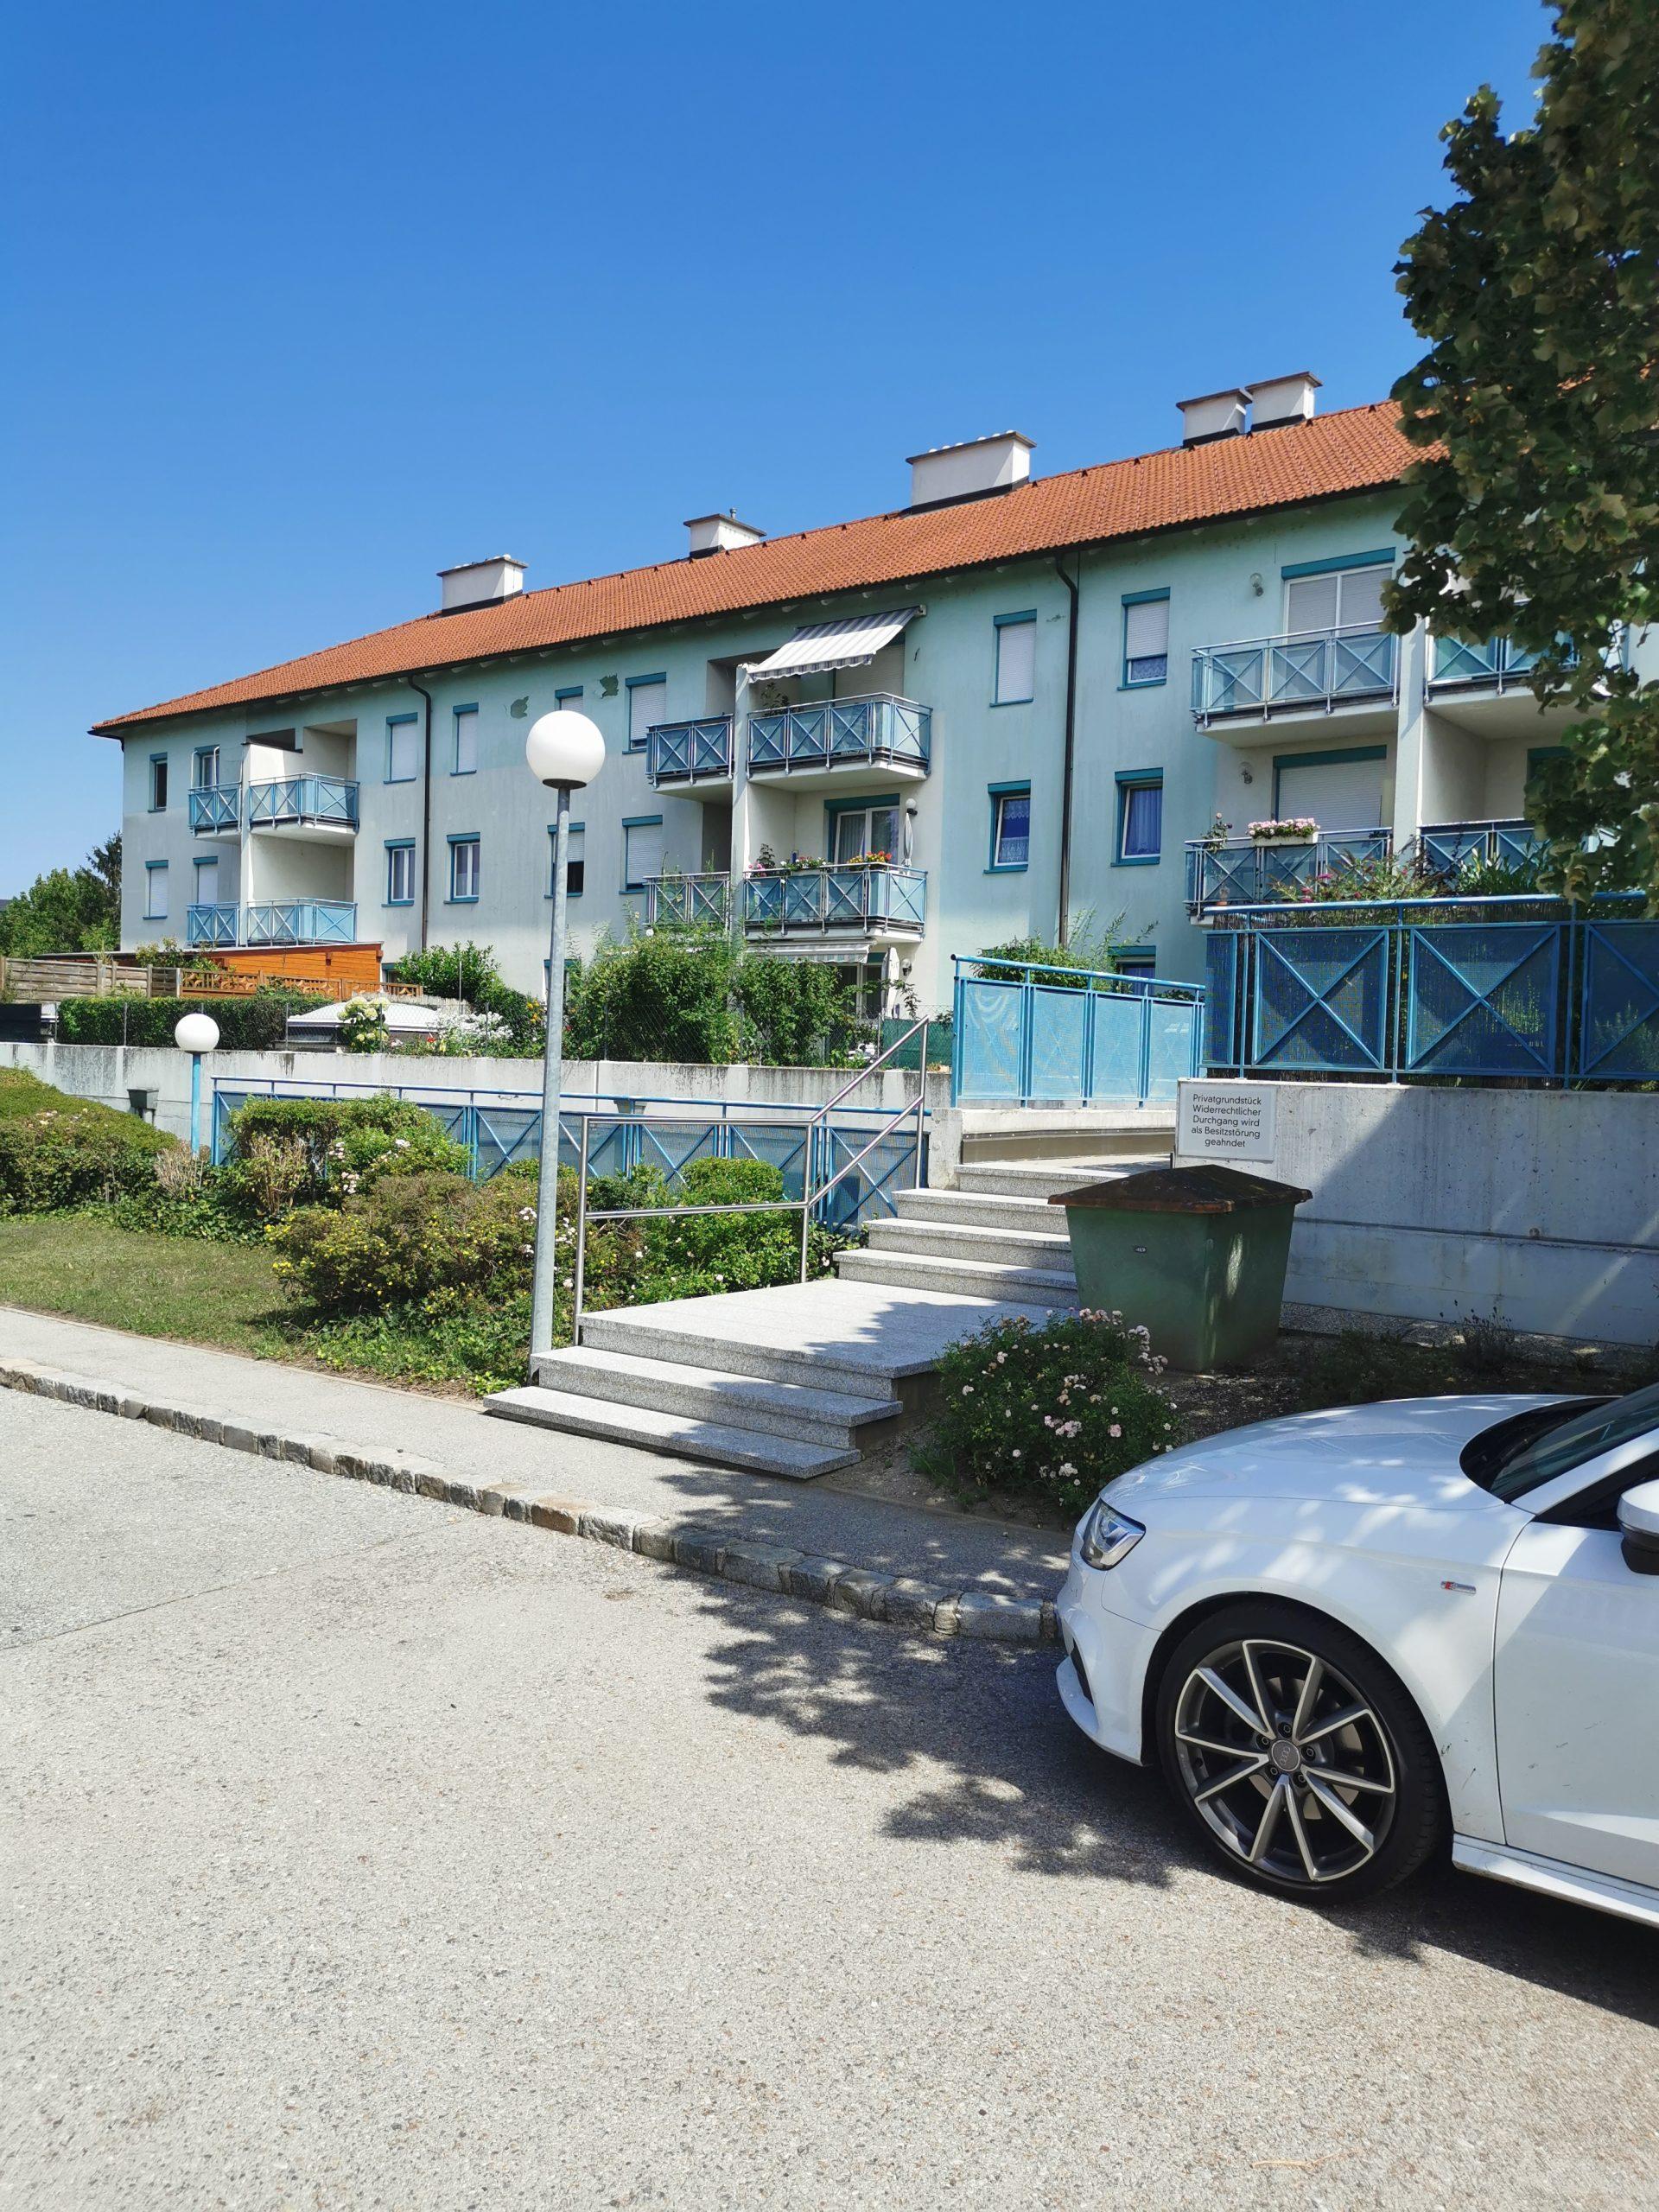 Immobilie von Kamptal in 2136 Laa an der Thaya, Mistelbach, Laa/ Thaya V/2 - Top 807 #1